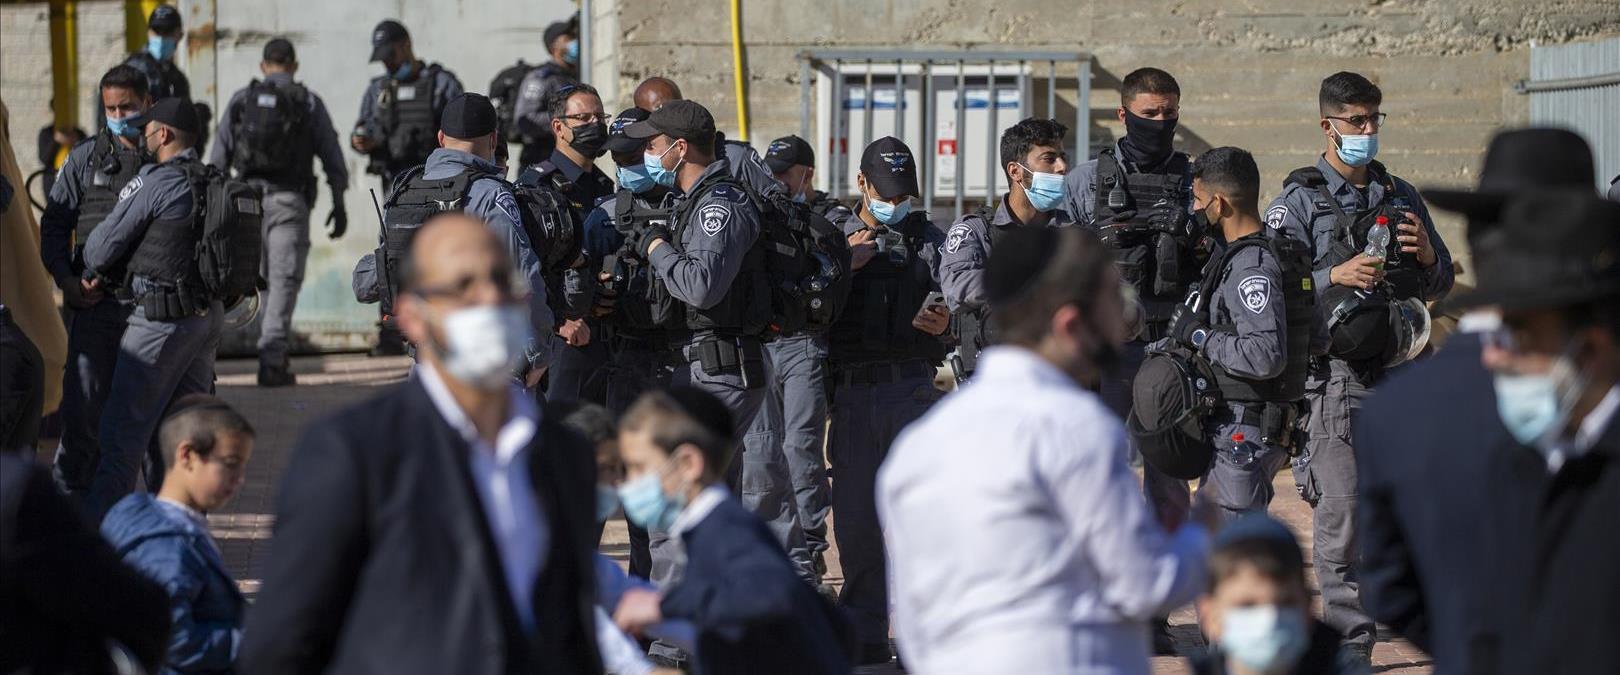 חרדים ושטרים היום באשדוד